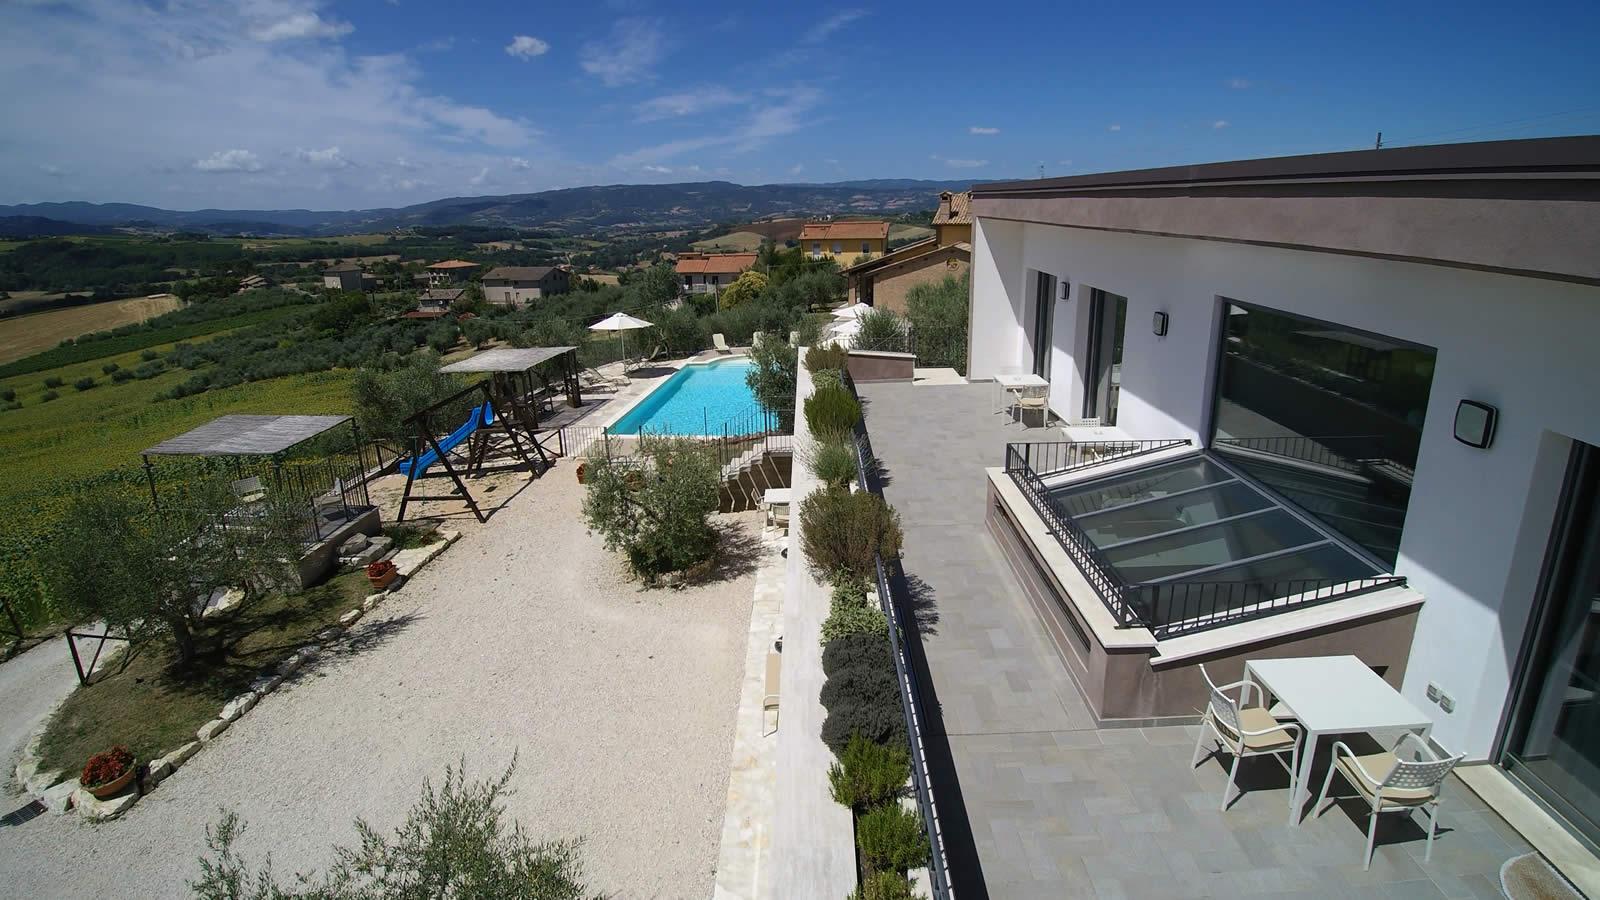 Camere e appartamenti vacanza a Todi